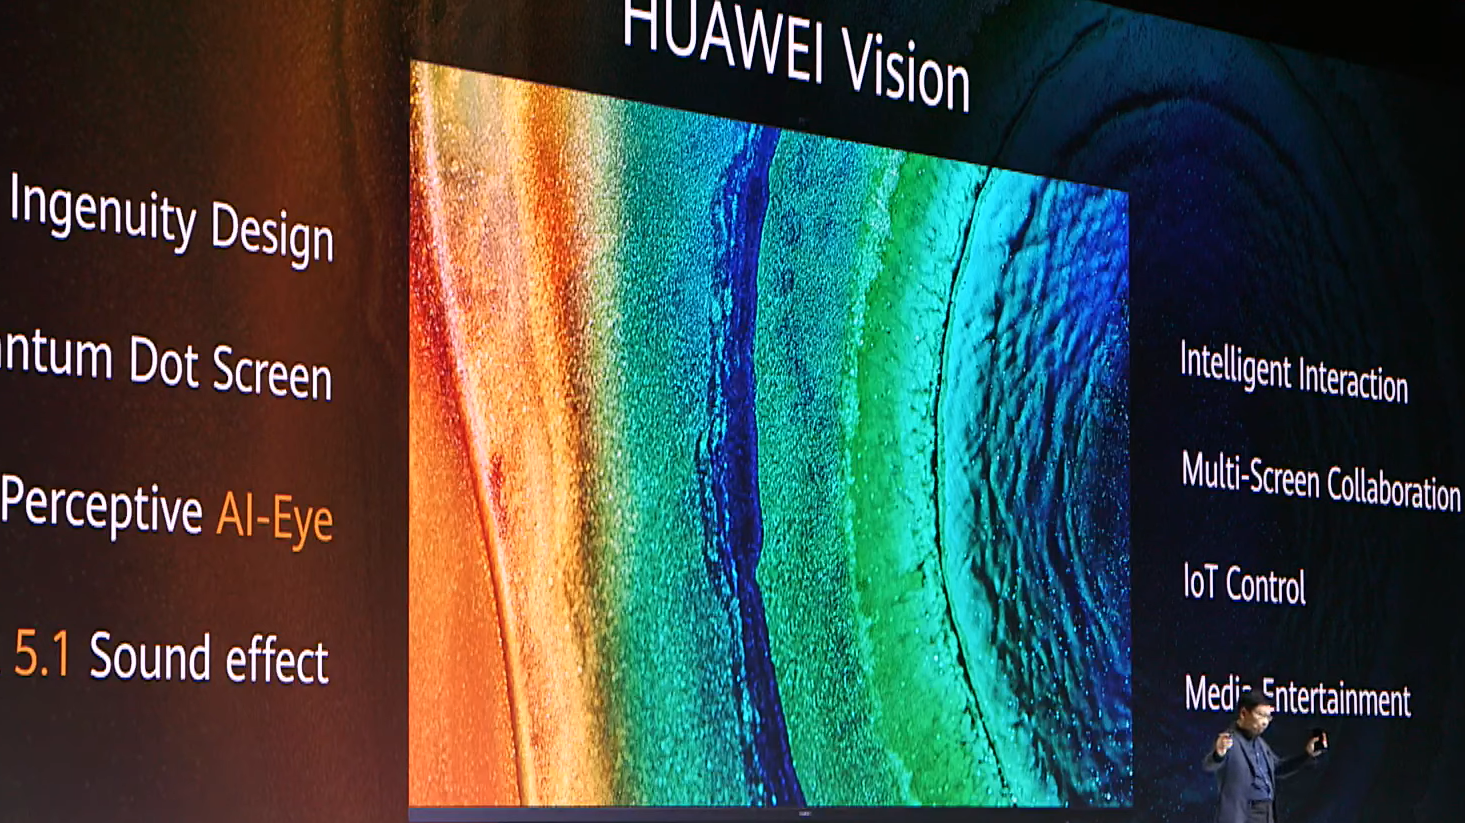 Huawei Vision la Smart TV de Huawei con HarmonyOS es oficial 3